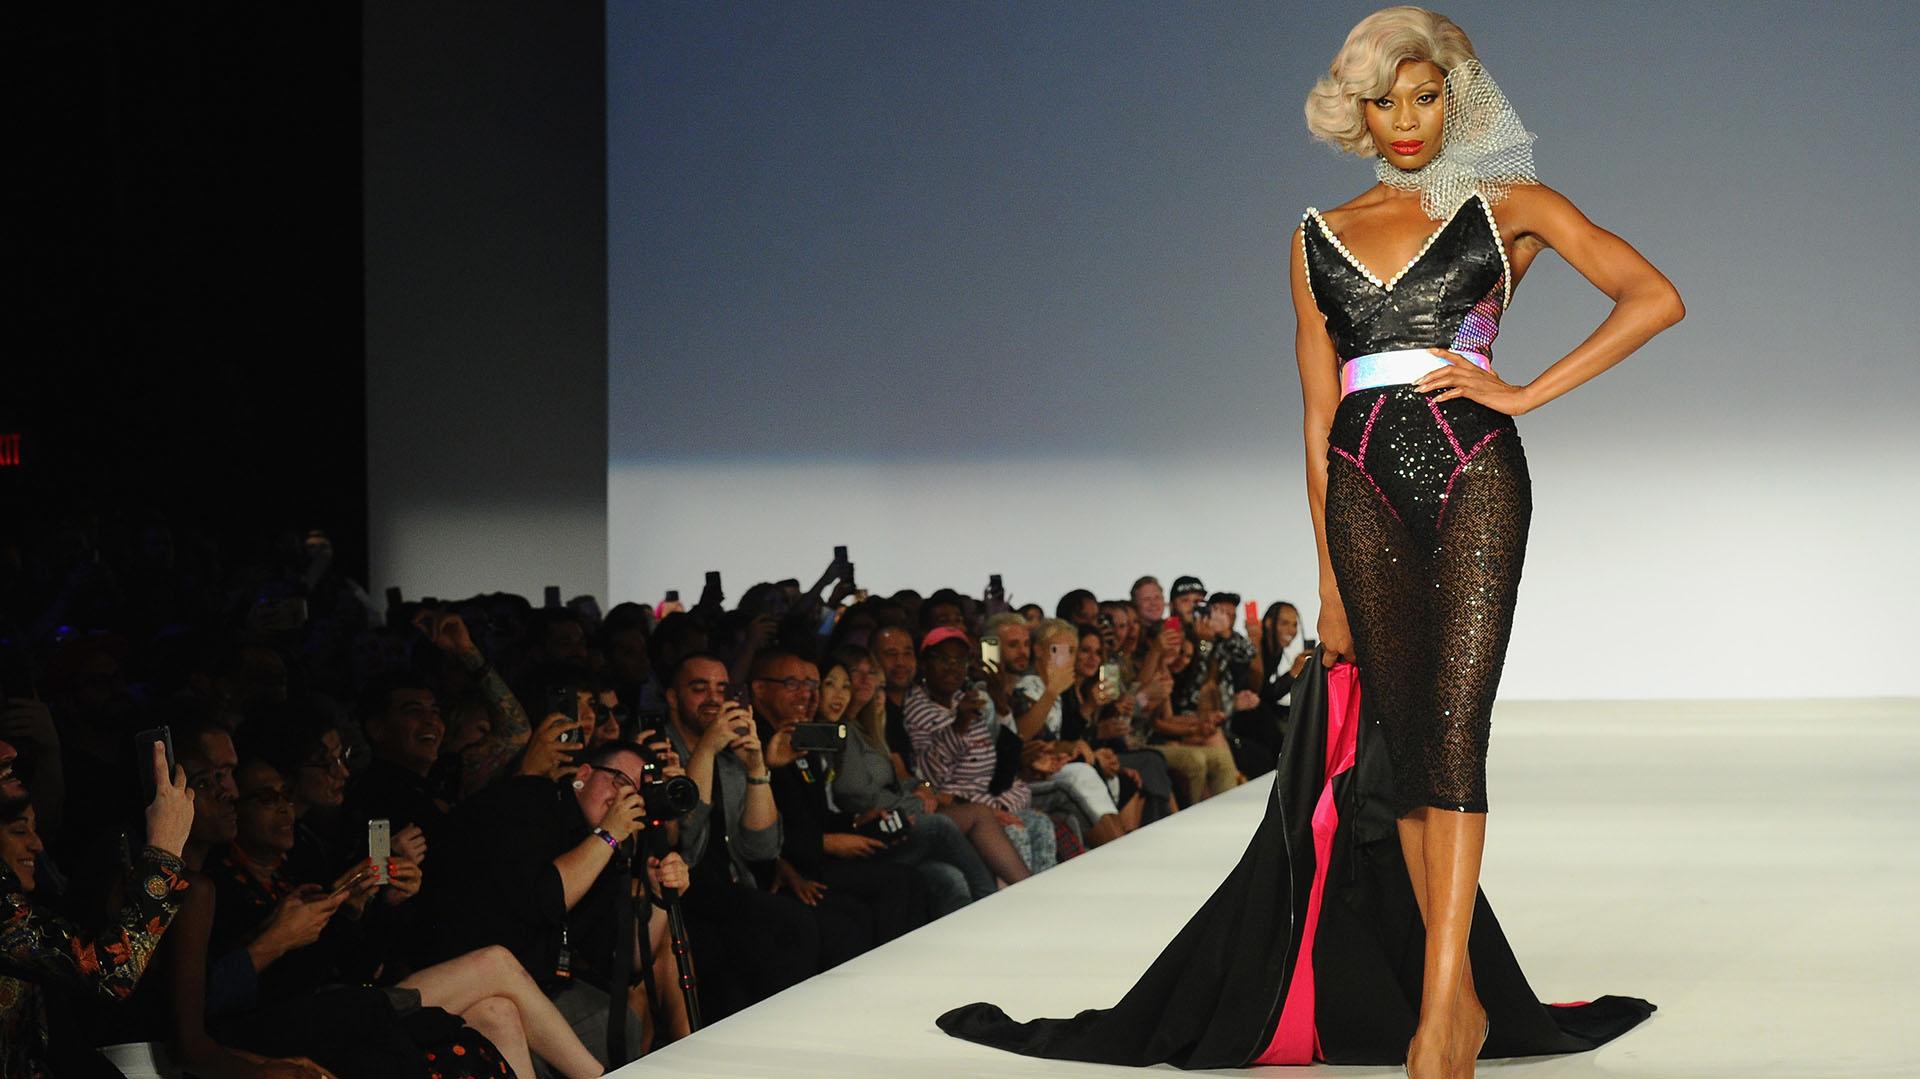 La actriz, modelo y escritora trans Dominique Jackson fue la gran musa del desfile de Marco Marco